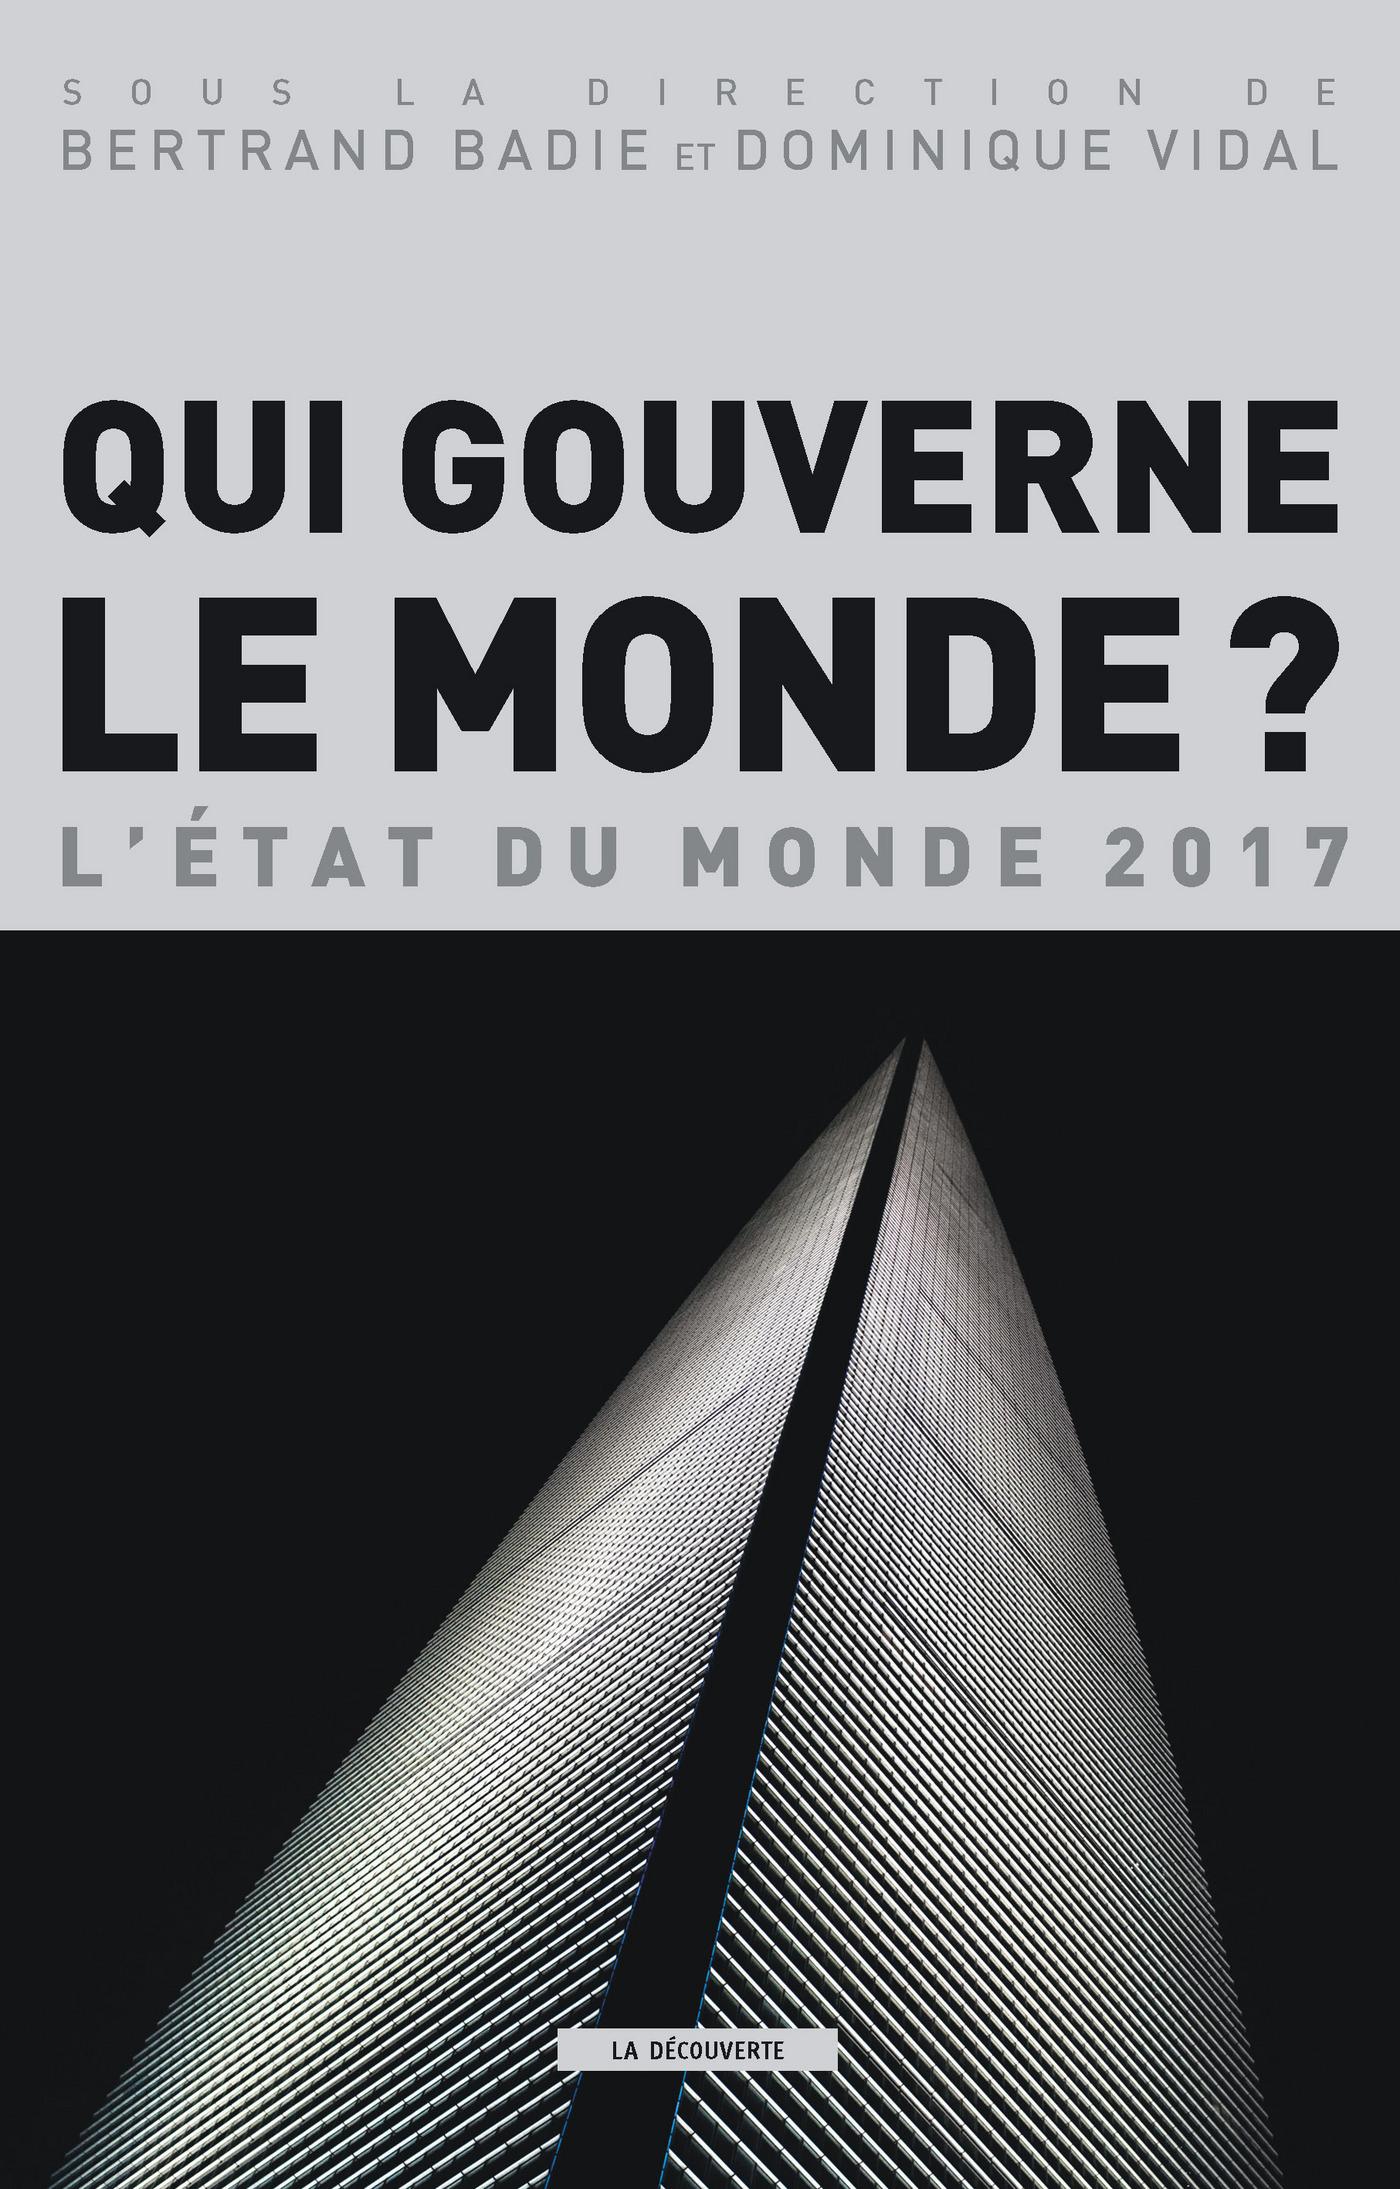 QUI GOUVERNE LE MONDE ? L'ETAT DU MONDE 2017